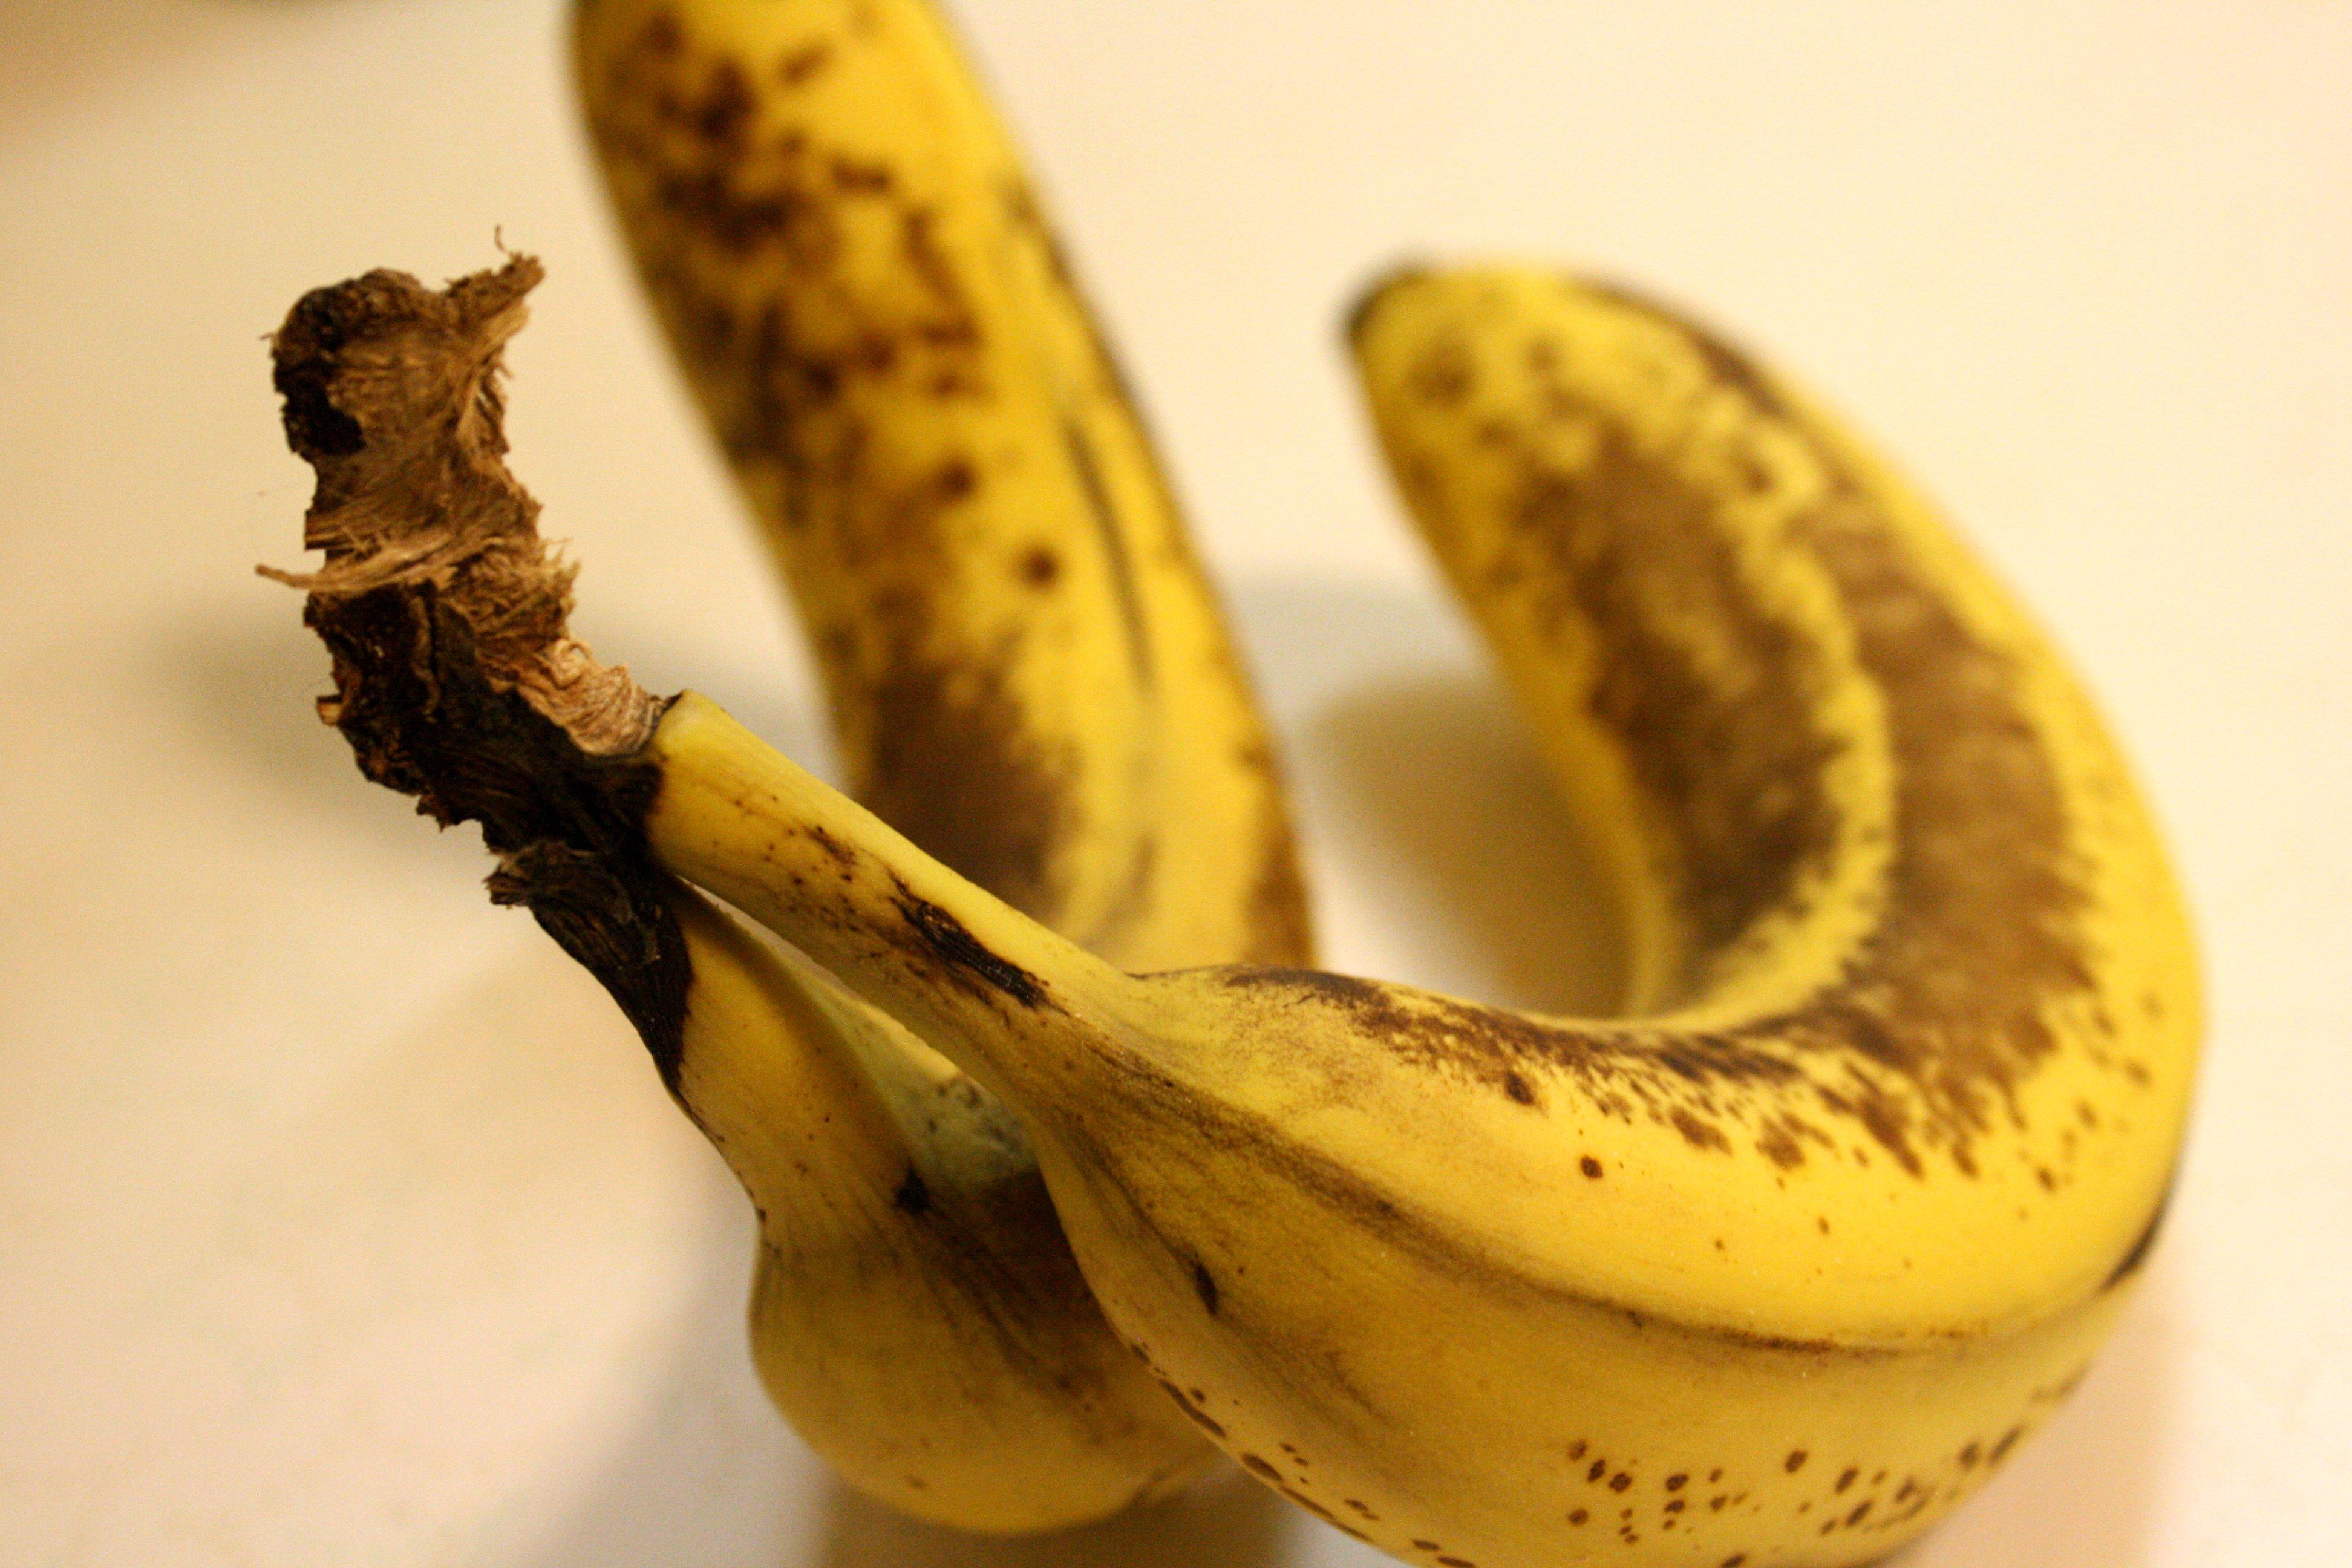 Banana high resolution free. Bananas clipart bannan